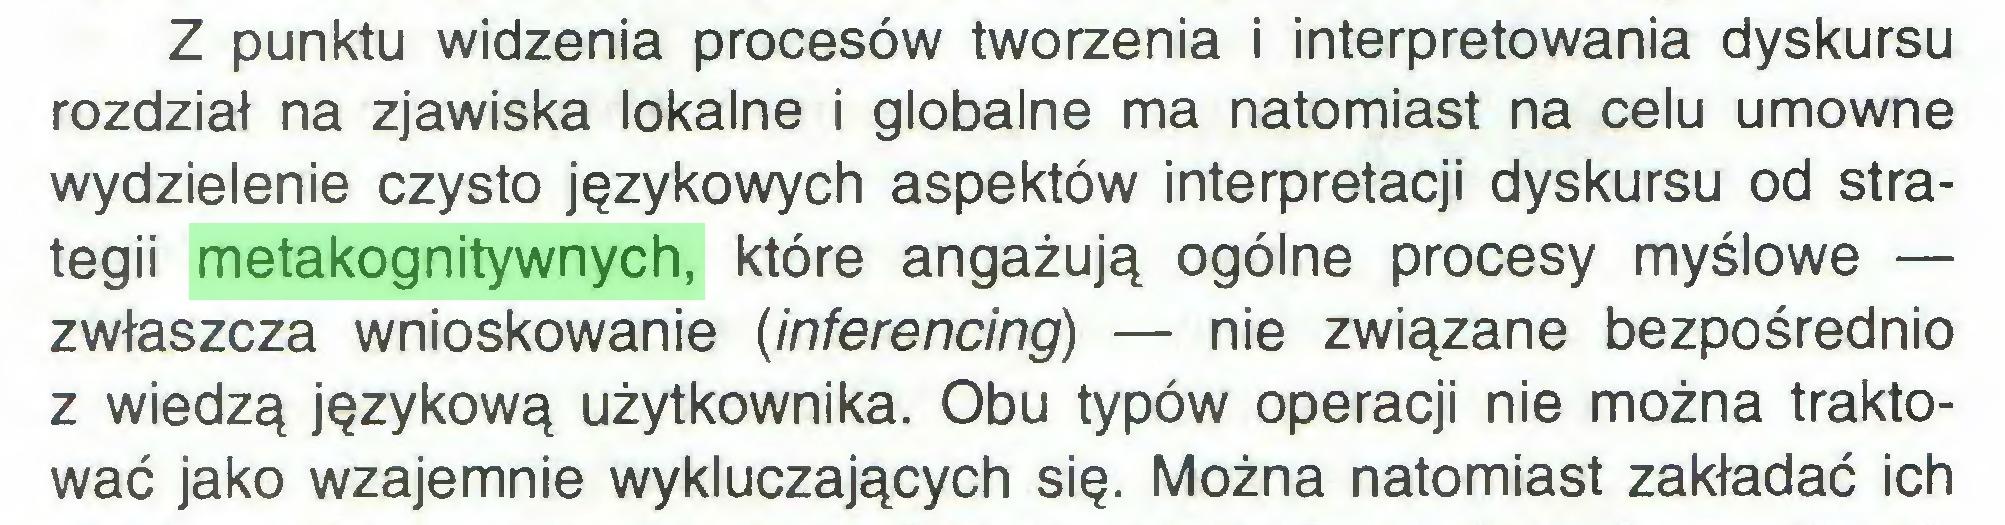 (...) Z punktu widzenia procesów tworzenia i interpretowania dyskursu rozdział na zjawiska lokalne i globalne ma natomiast na celu umowne wydzielenie czysto językowych aspektów interpretacji dyskursu od strategii metakognitywnych, które angażują ogólne procesy myślowe — zwłaszcza wnioskowanie (inferencing) — nie związane bezpośrednio z wiedzą językową użytkownika. Obu typów operacji nie można traktować jako wzajemnie wykluczających się. Można natomiast zakładać ich...